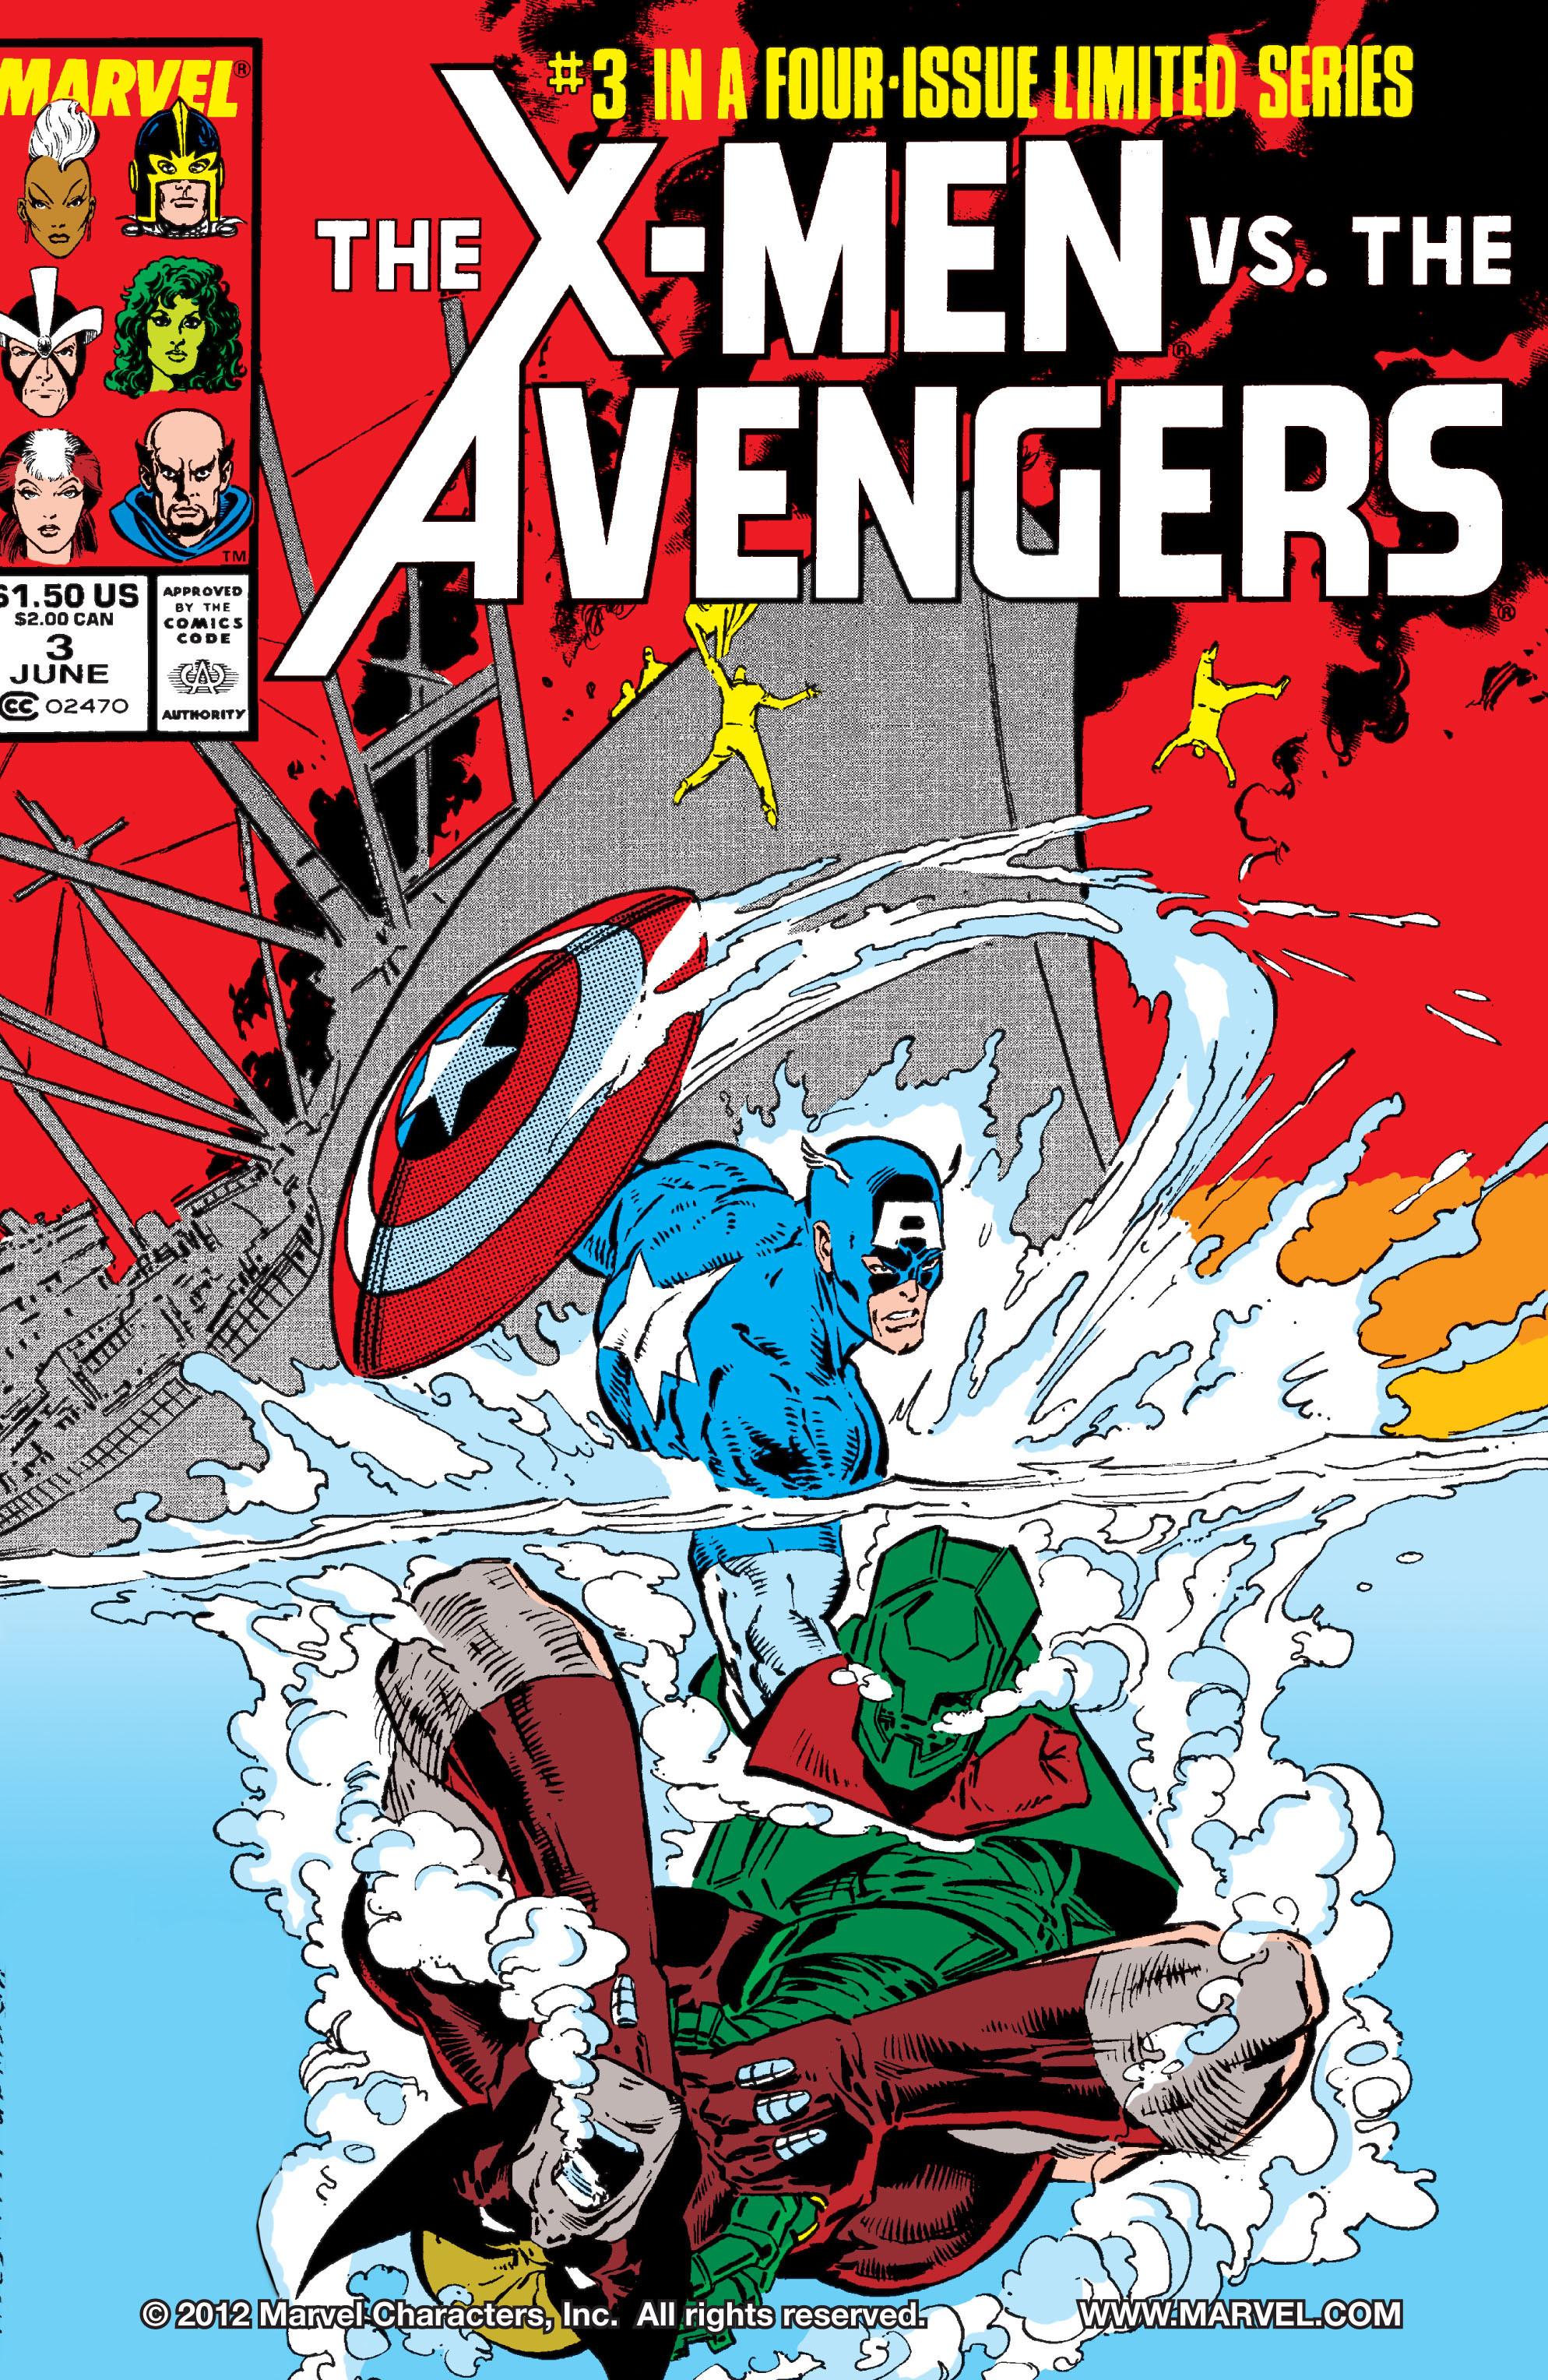 X-Men vs Avengers Vol 1 3 - Marvel Comics Database